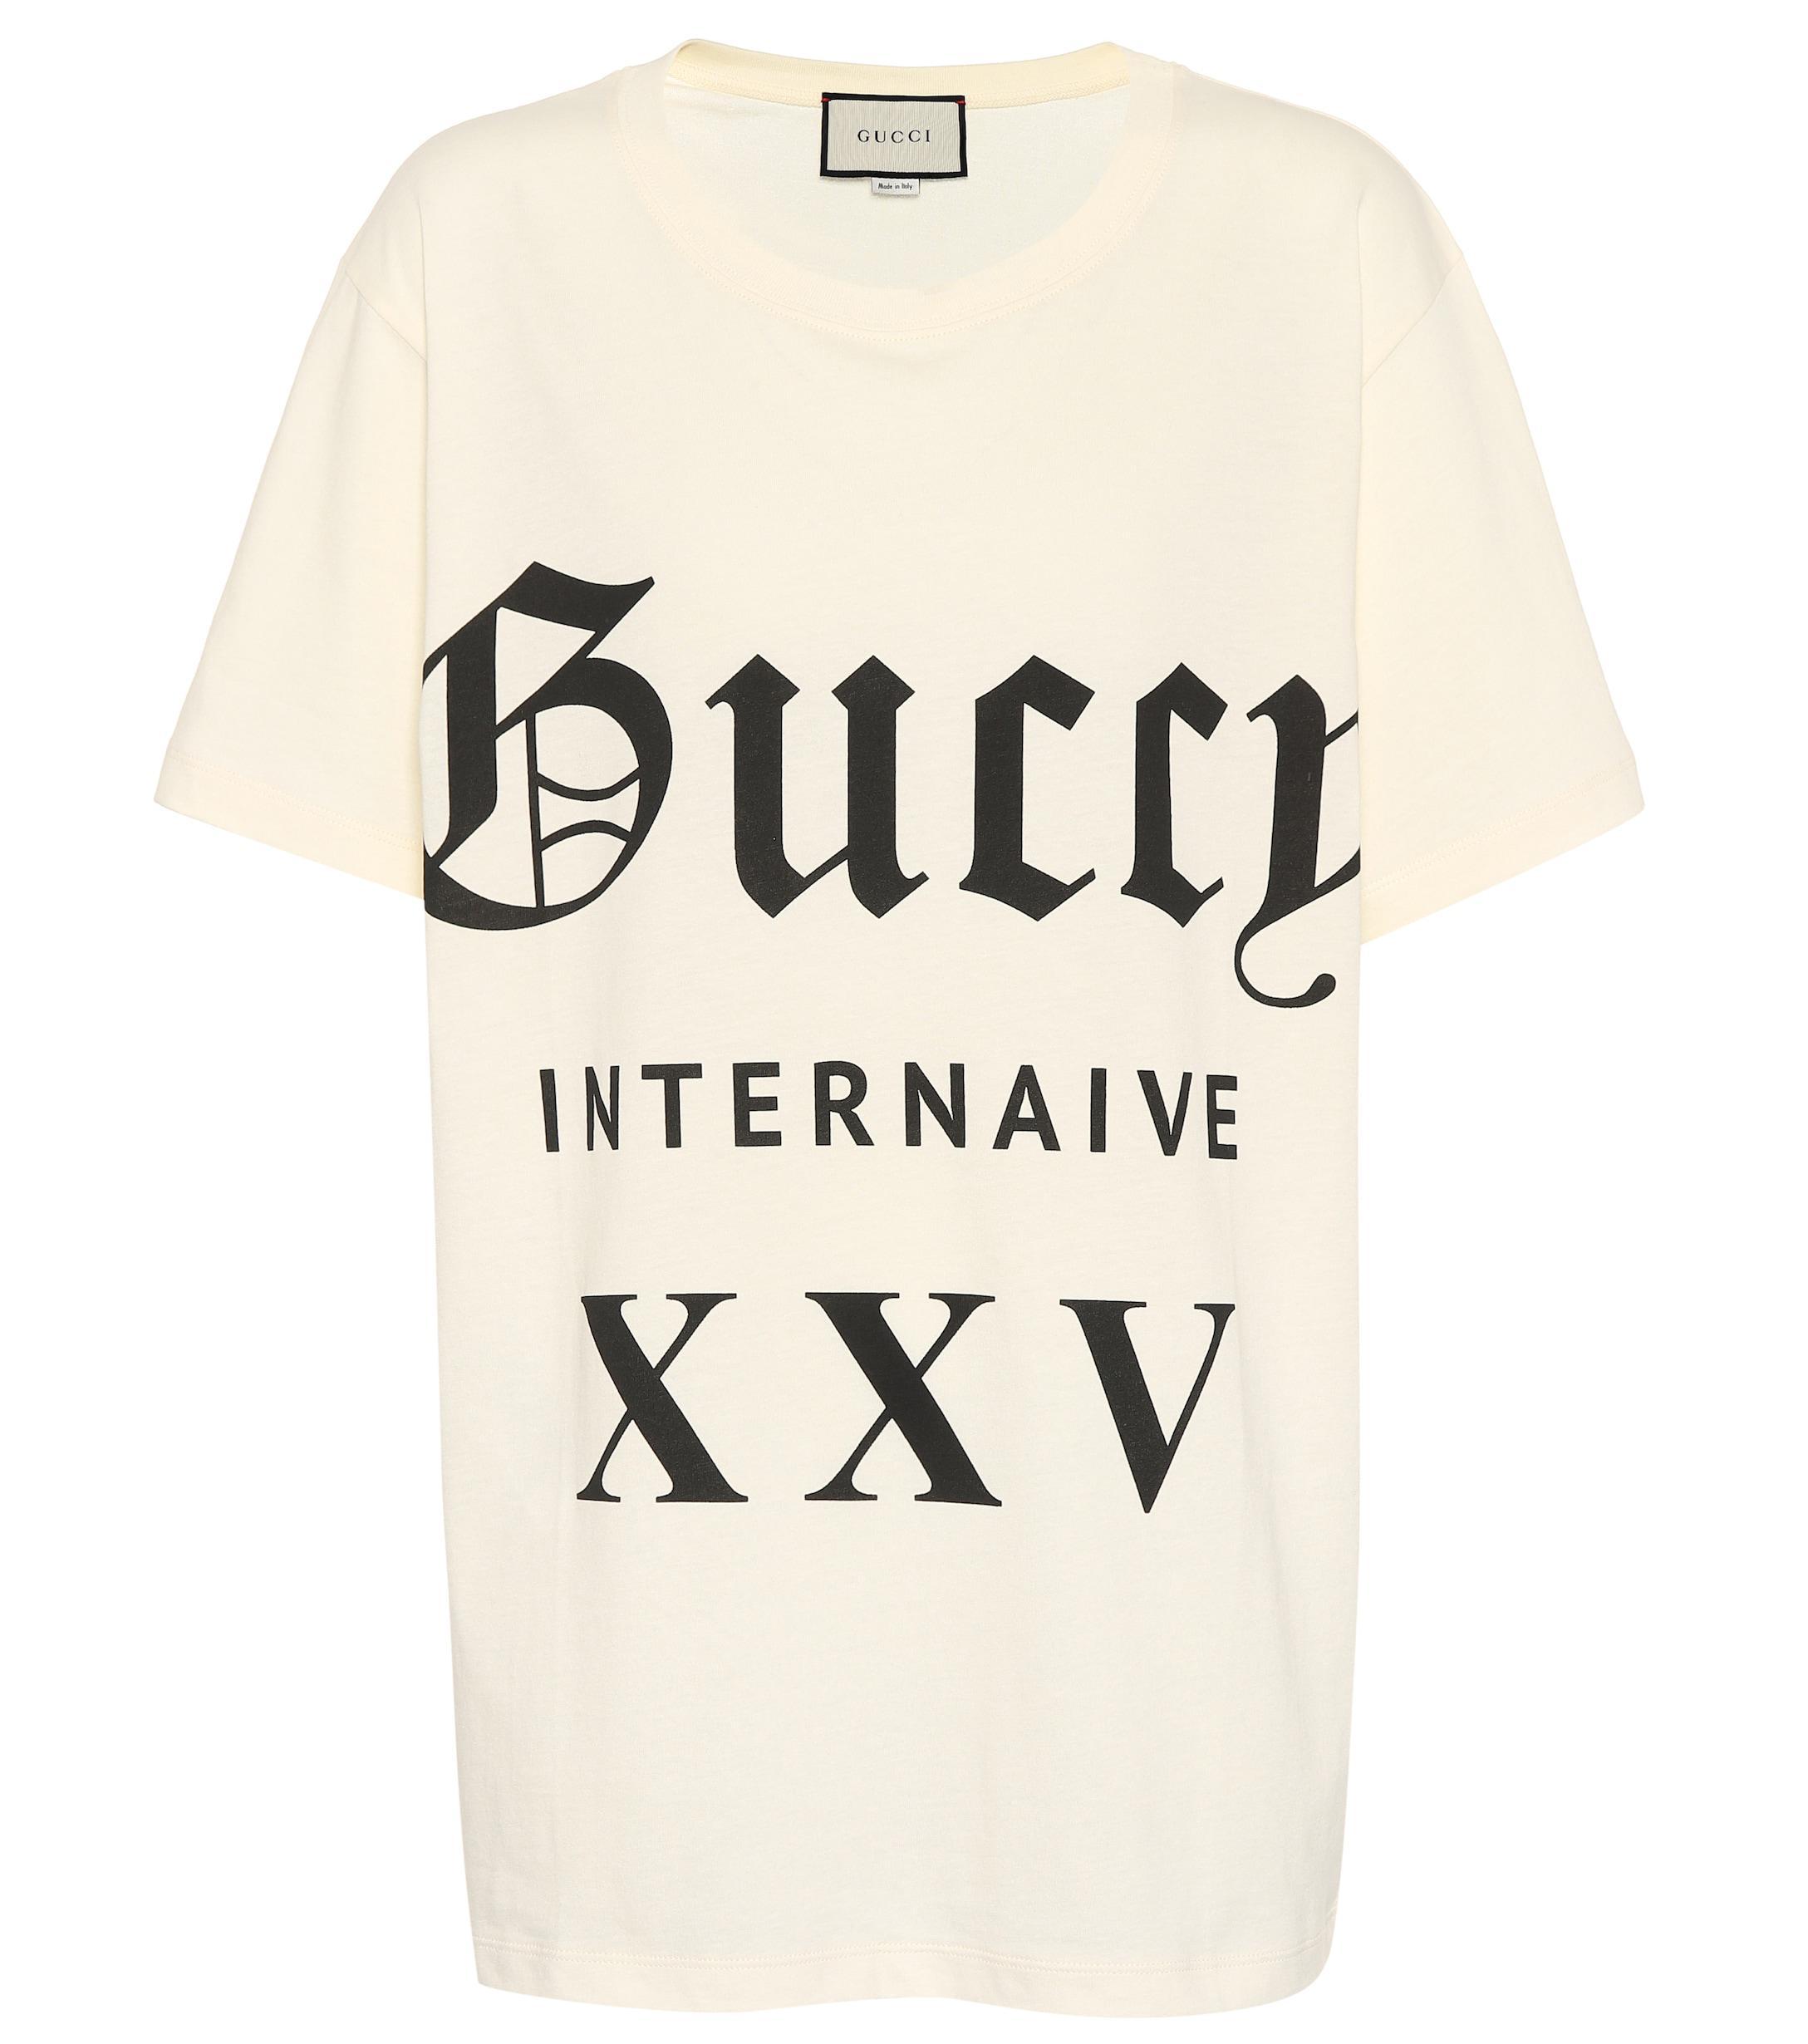 25abcfd59593 Gucci - Black Guccy Internaive Xxv Cotton T-shirt - Lyst. View fullscreen